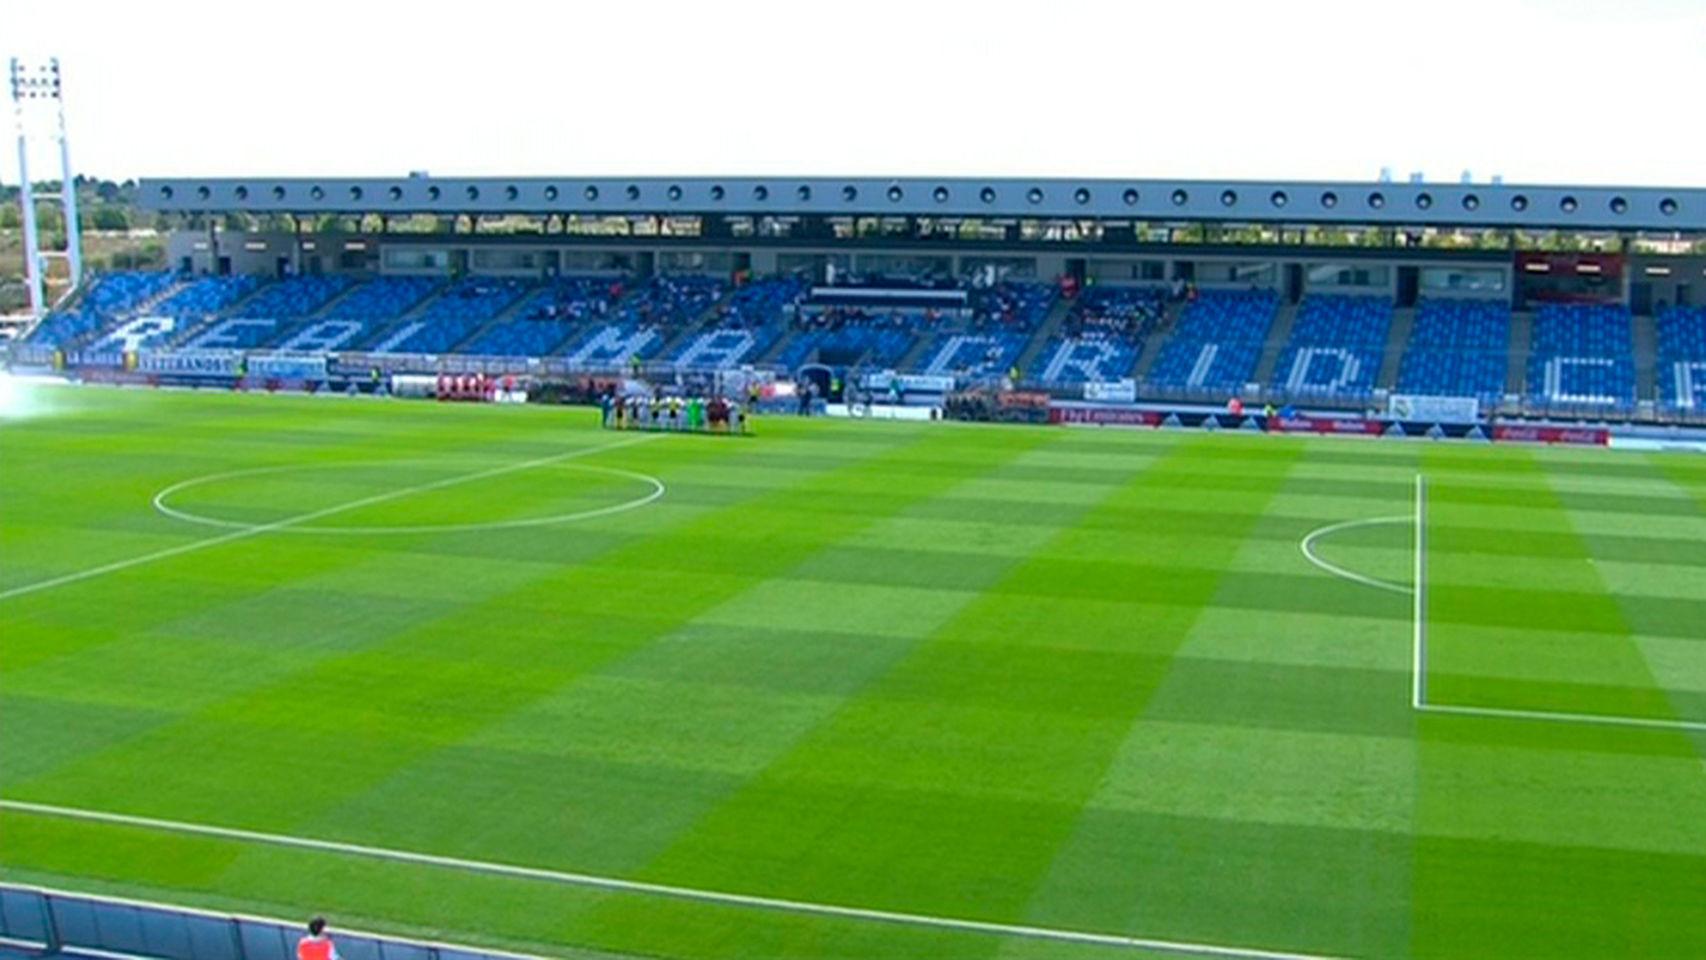 Real Madrid jugará el resto de LaLiga en el estadio Alfredo Di Stéfano por remodelación del Santiago Bernabéu